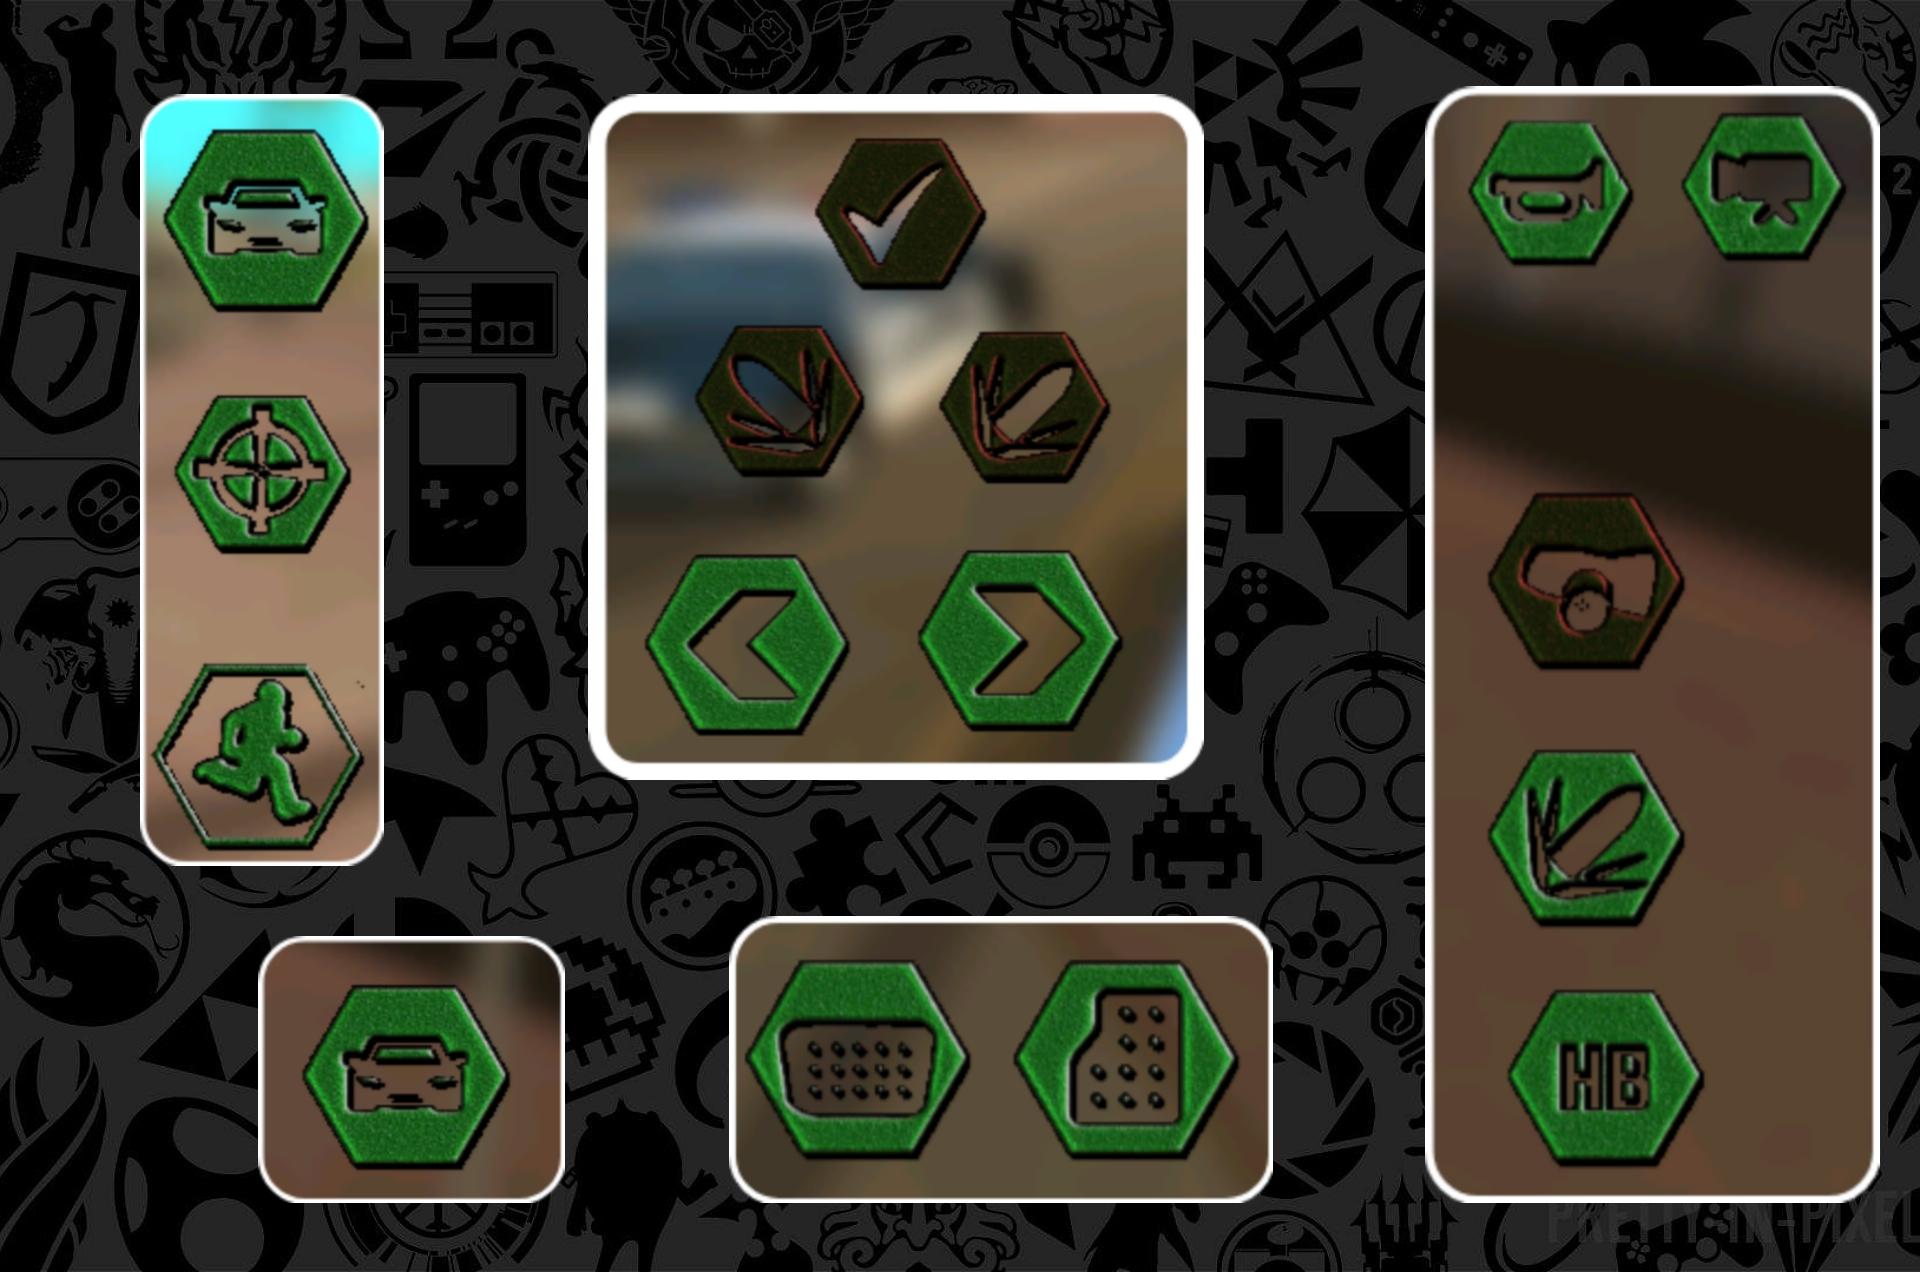 دانلود پک دکمه های سبز برای Gta:Sa اندروید